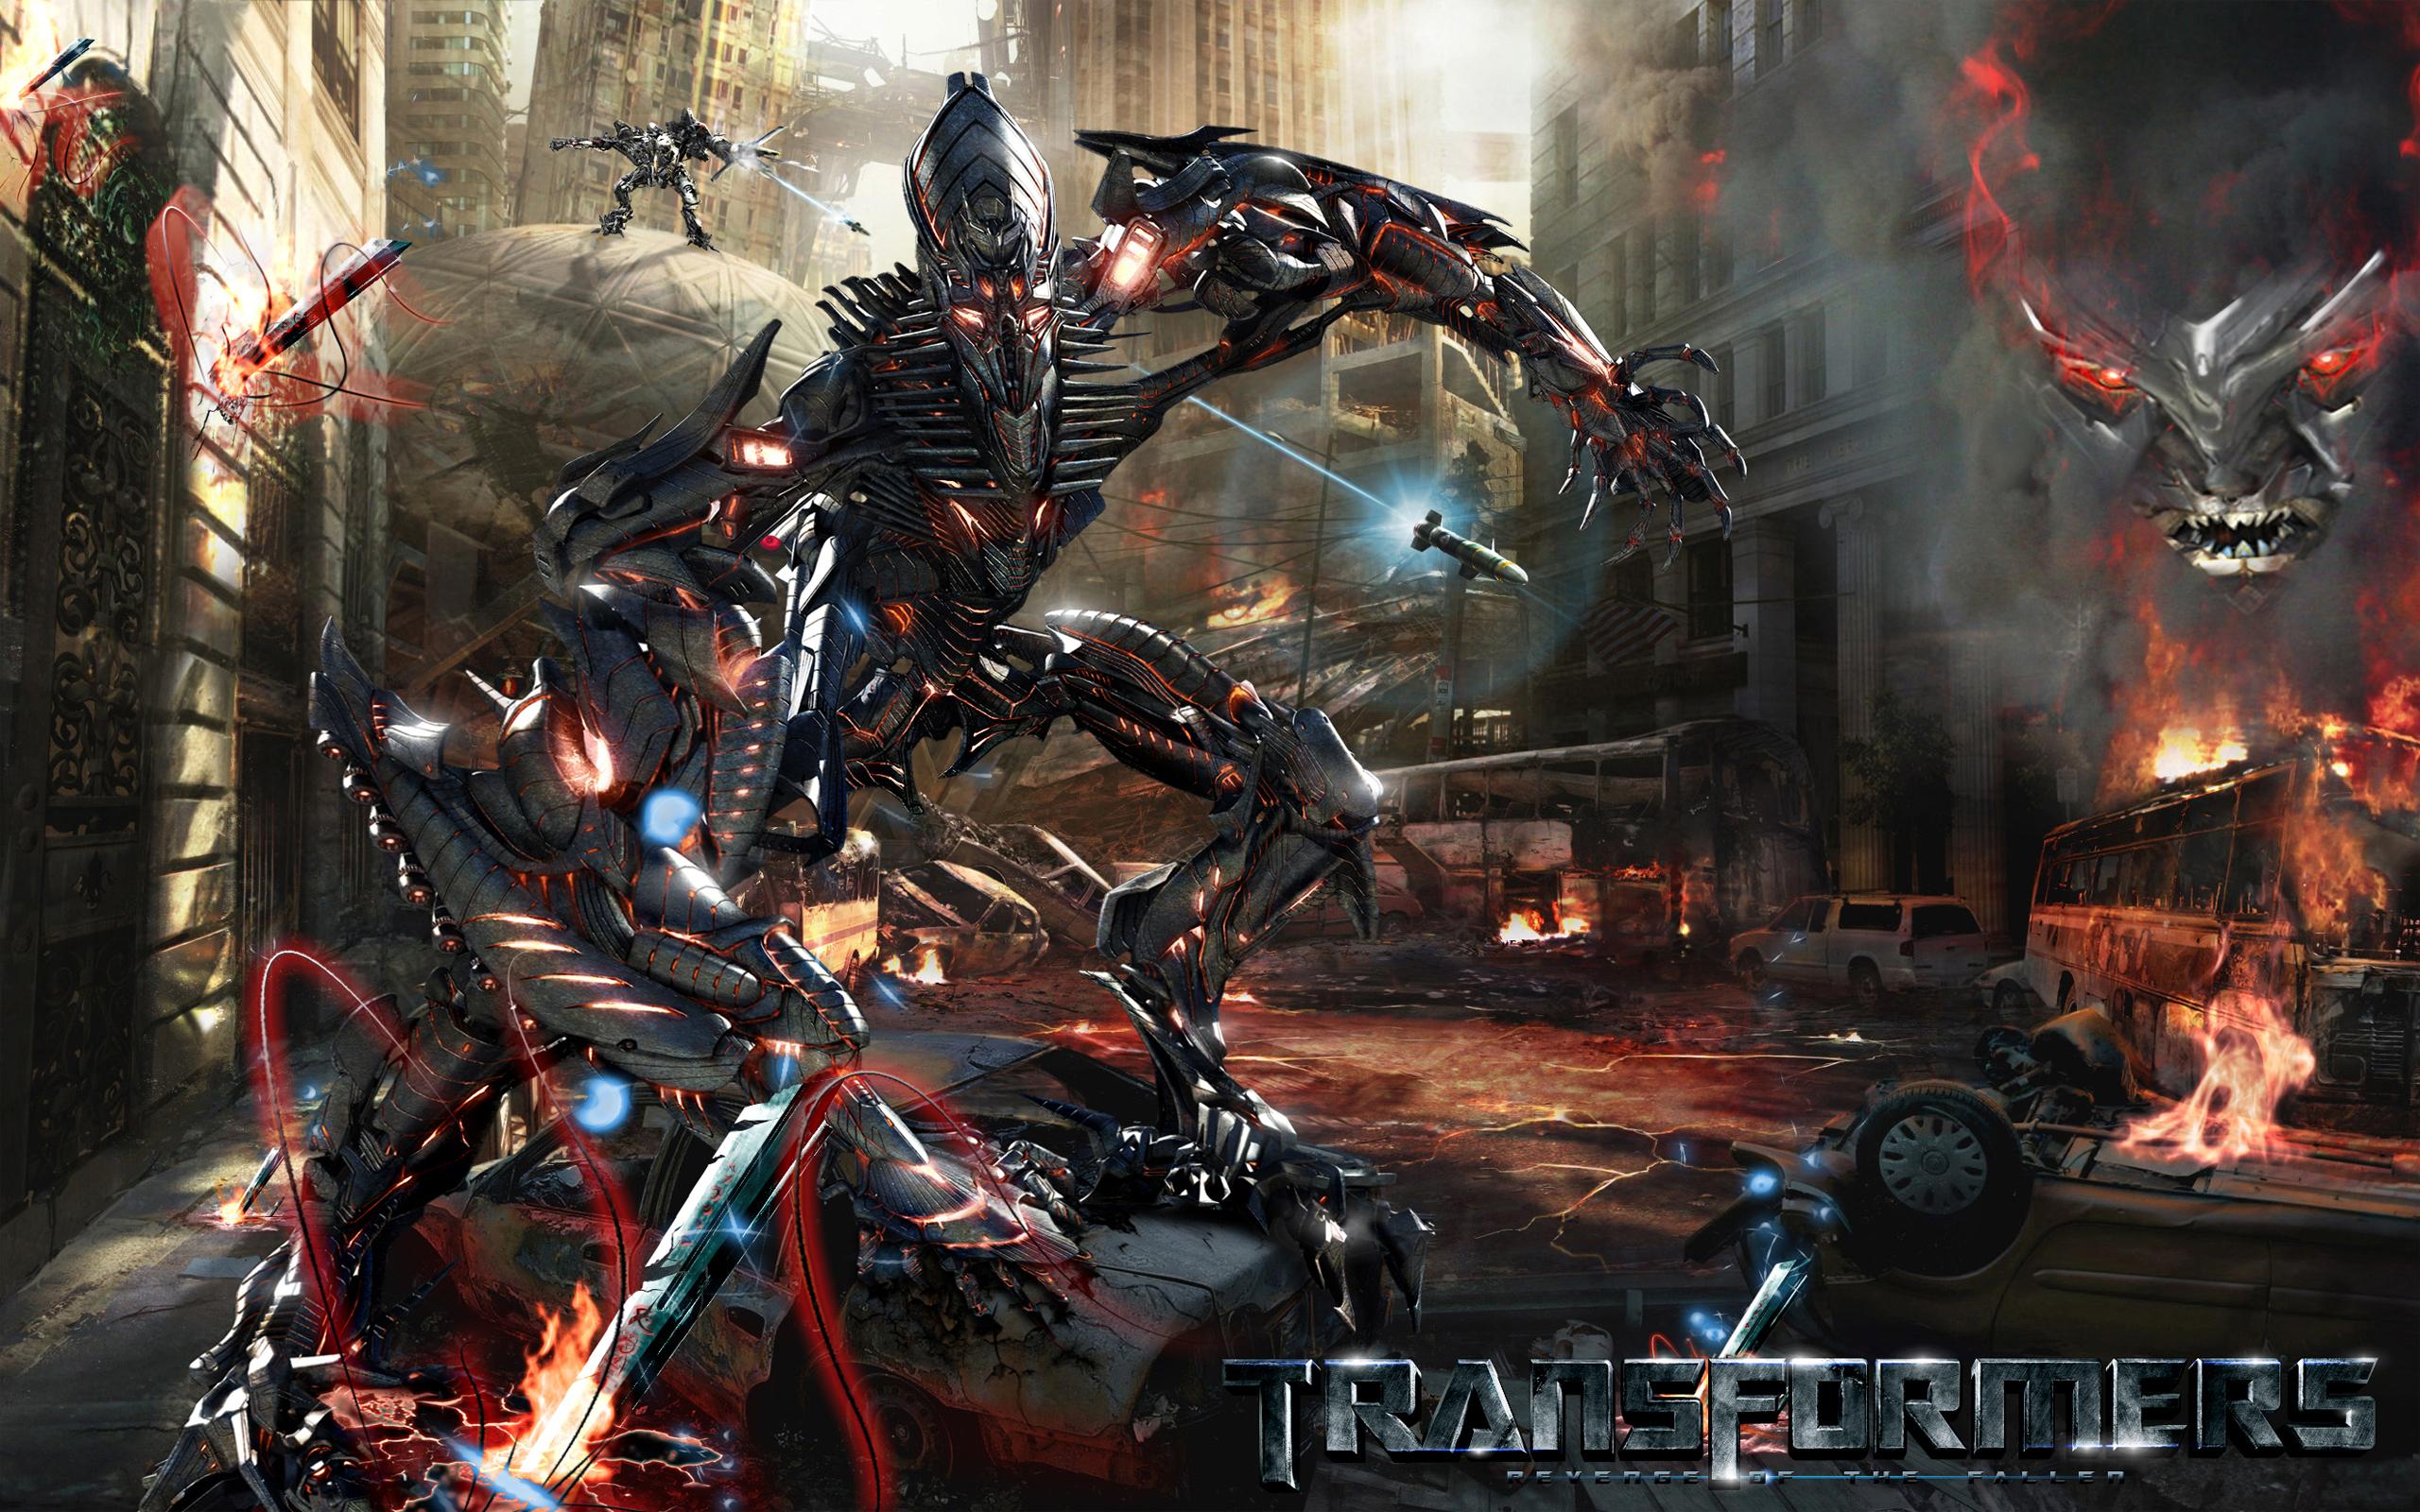 Transformers Revenge of the Fallen wallpaper 7